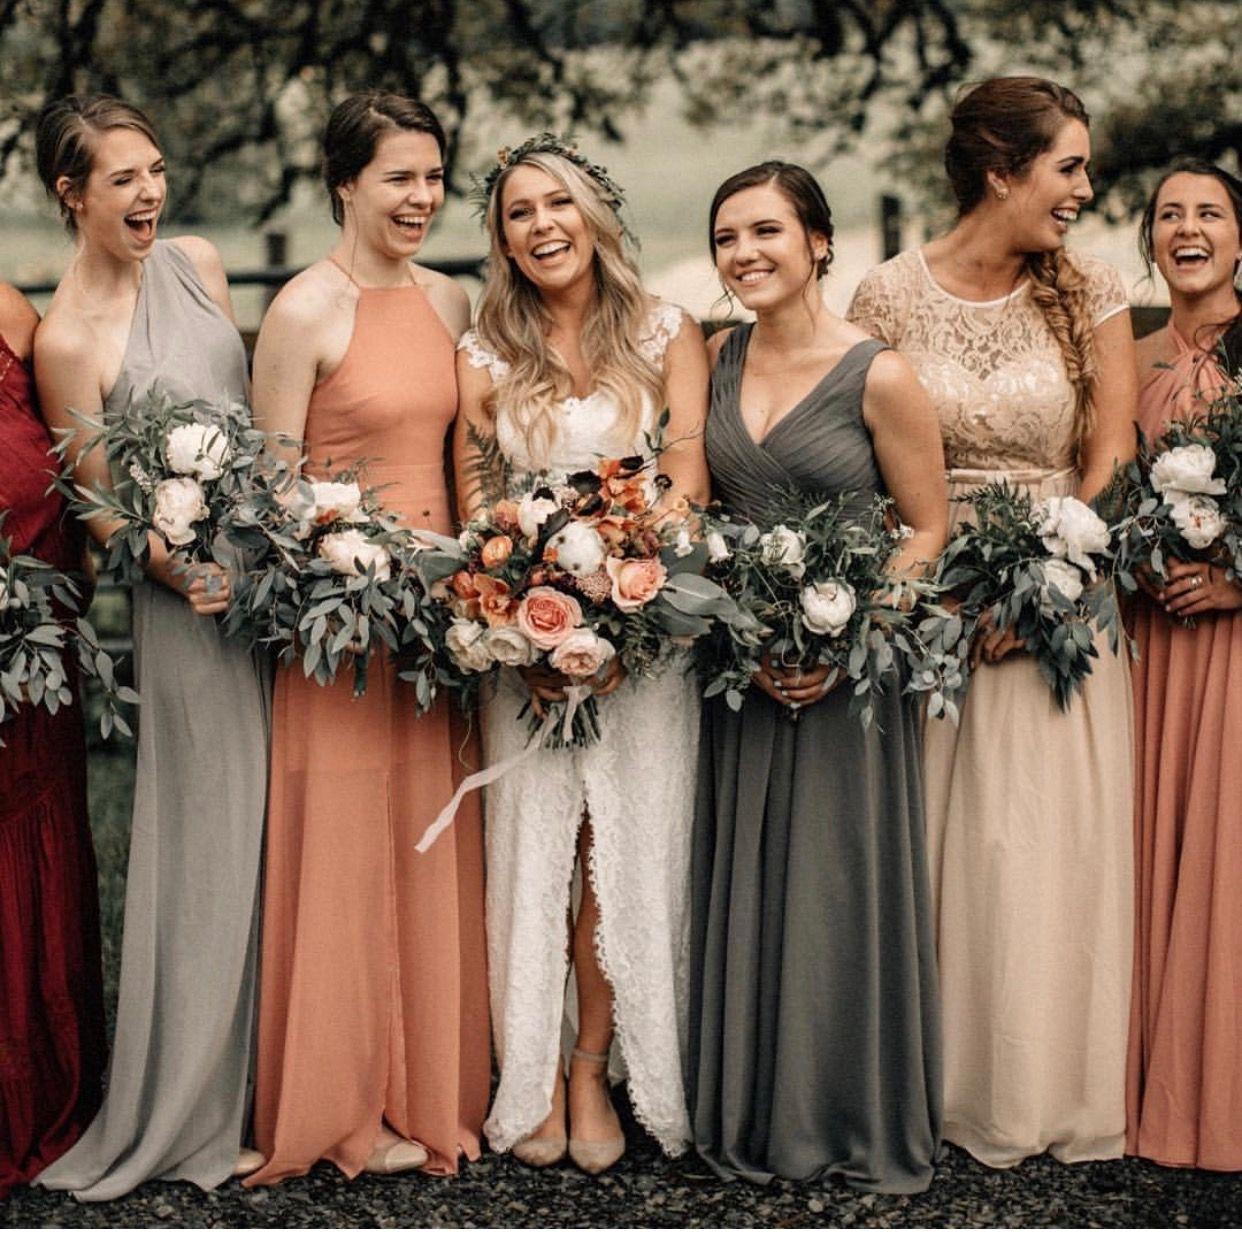 Bride Bridesmaid Bridesmaid Dress Colors Orange Bridesmaid Dresses Orange Wedding Colors [ 1236 x 1242 Pixel ]